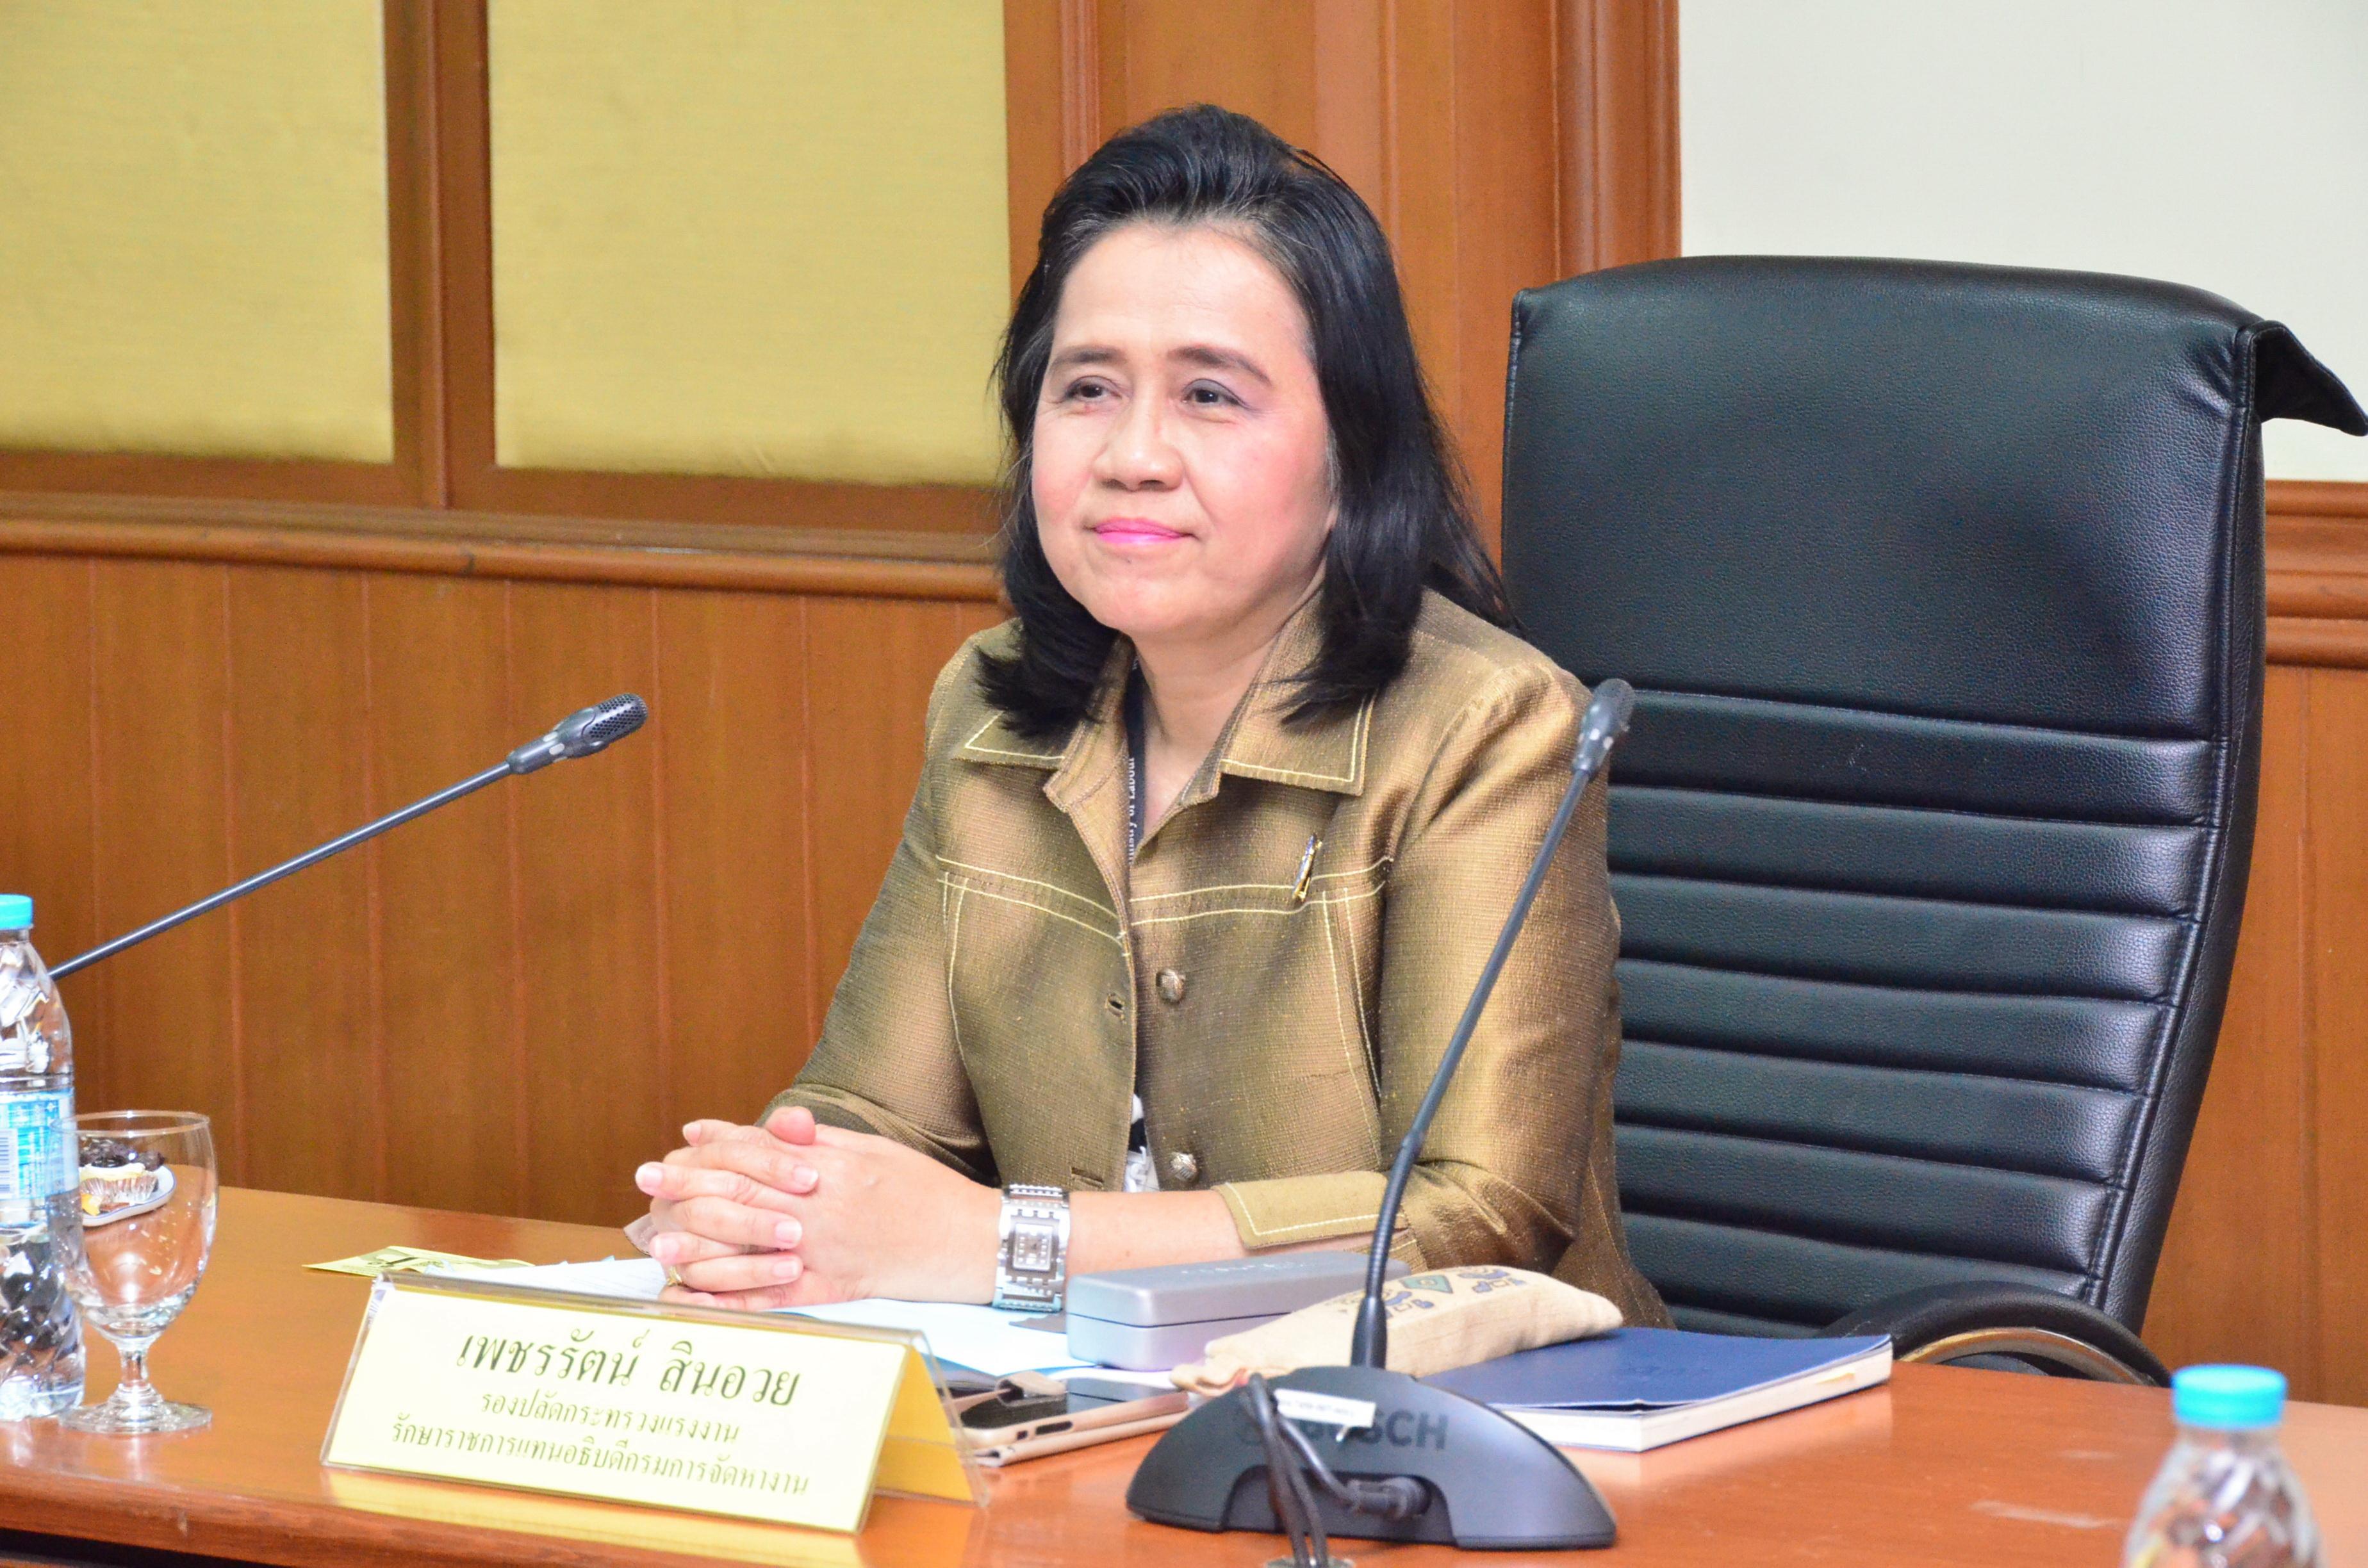 นางเพชรรัตน์ สินอวย รองปลัดกระทรวงแรงงาน รักษาราชการแทนอธิบดีกรมการจัดหางาน  เป็นประธานในการประชุมกรมการจัดหางาน ครั้งที่ 9/2561